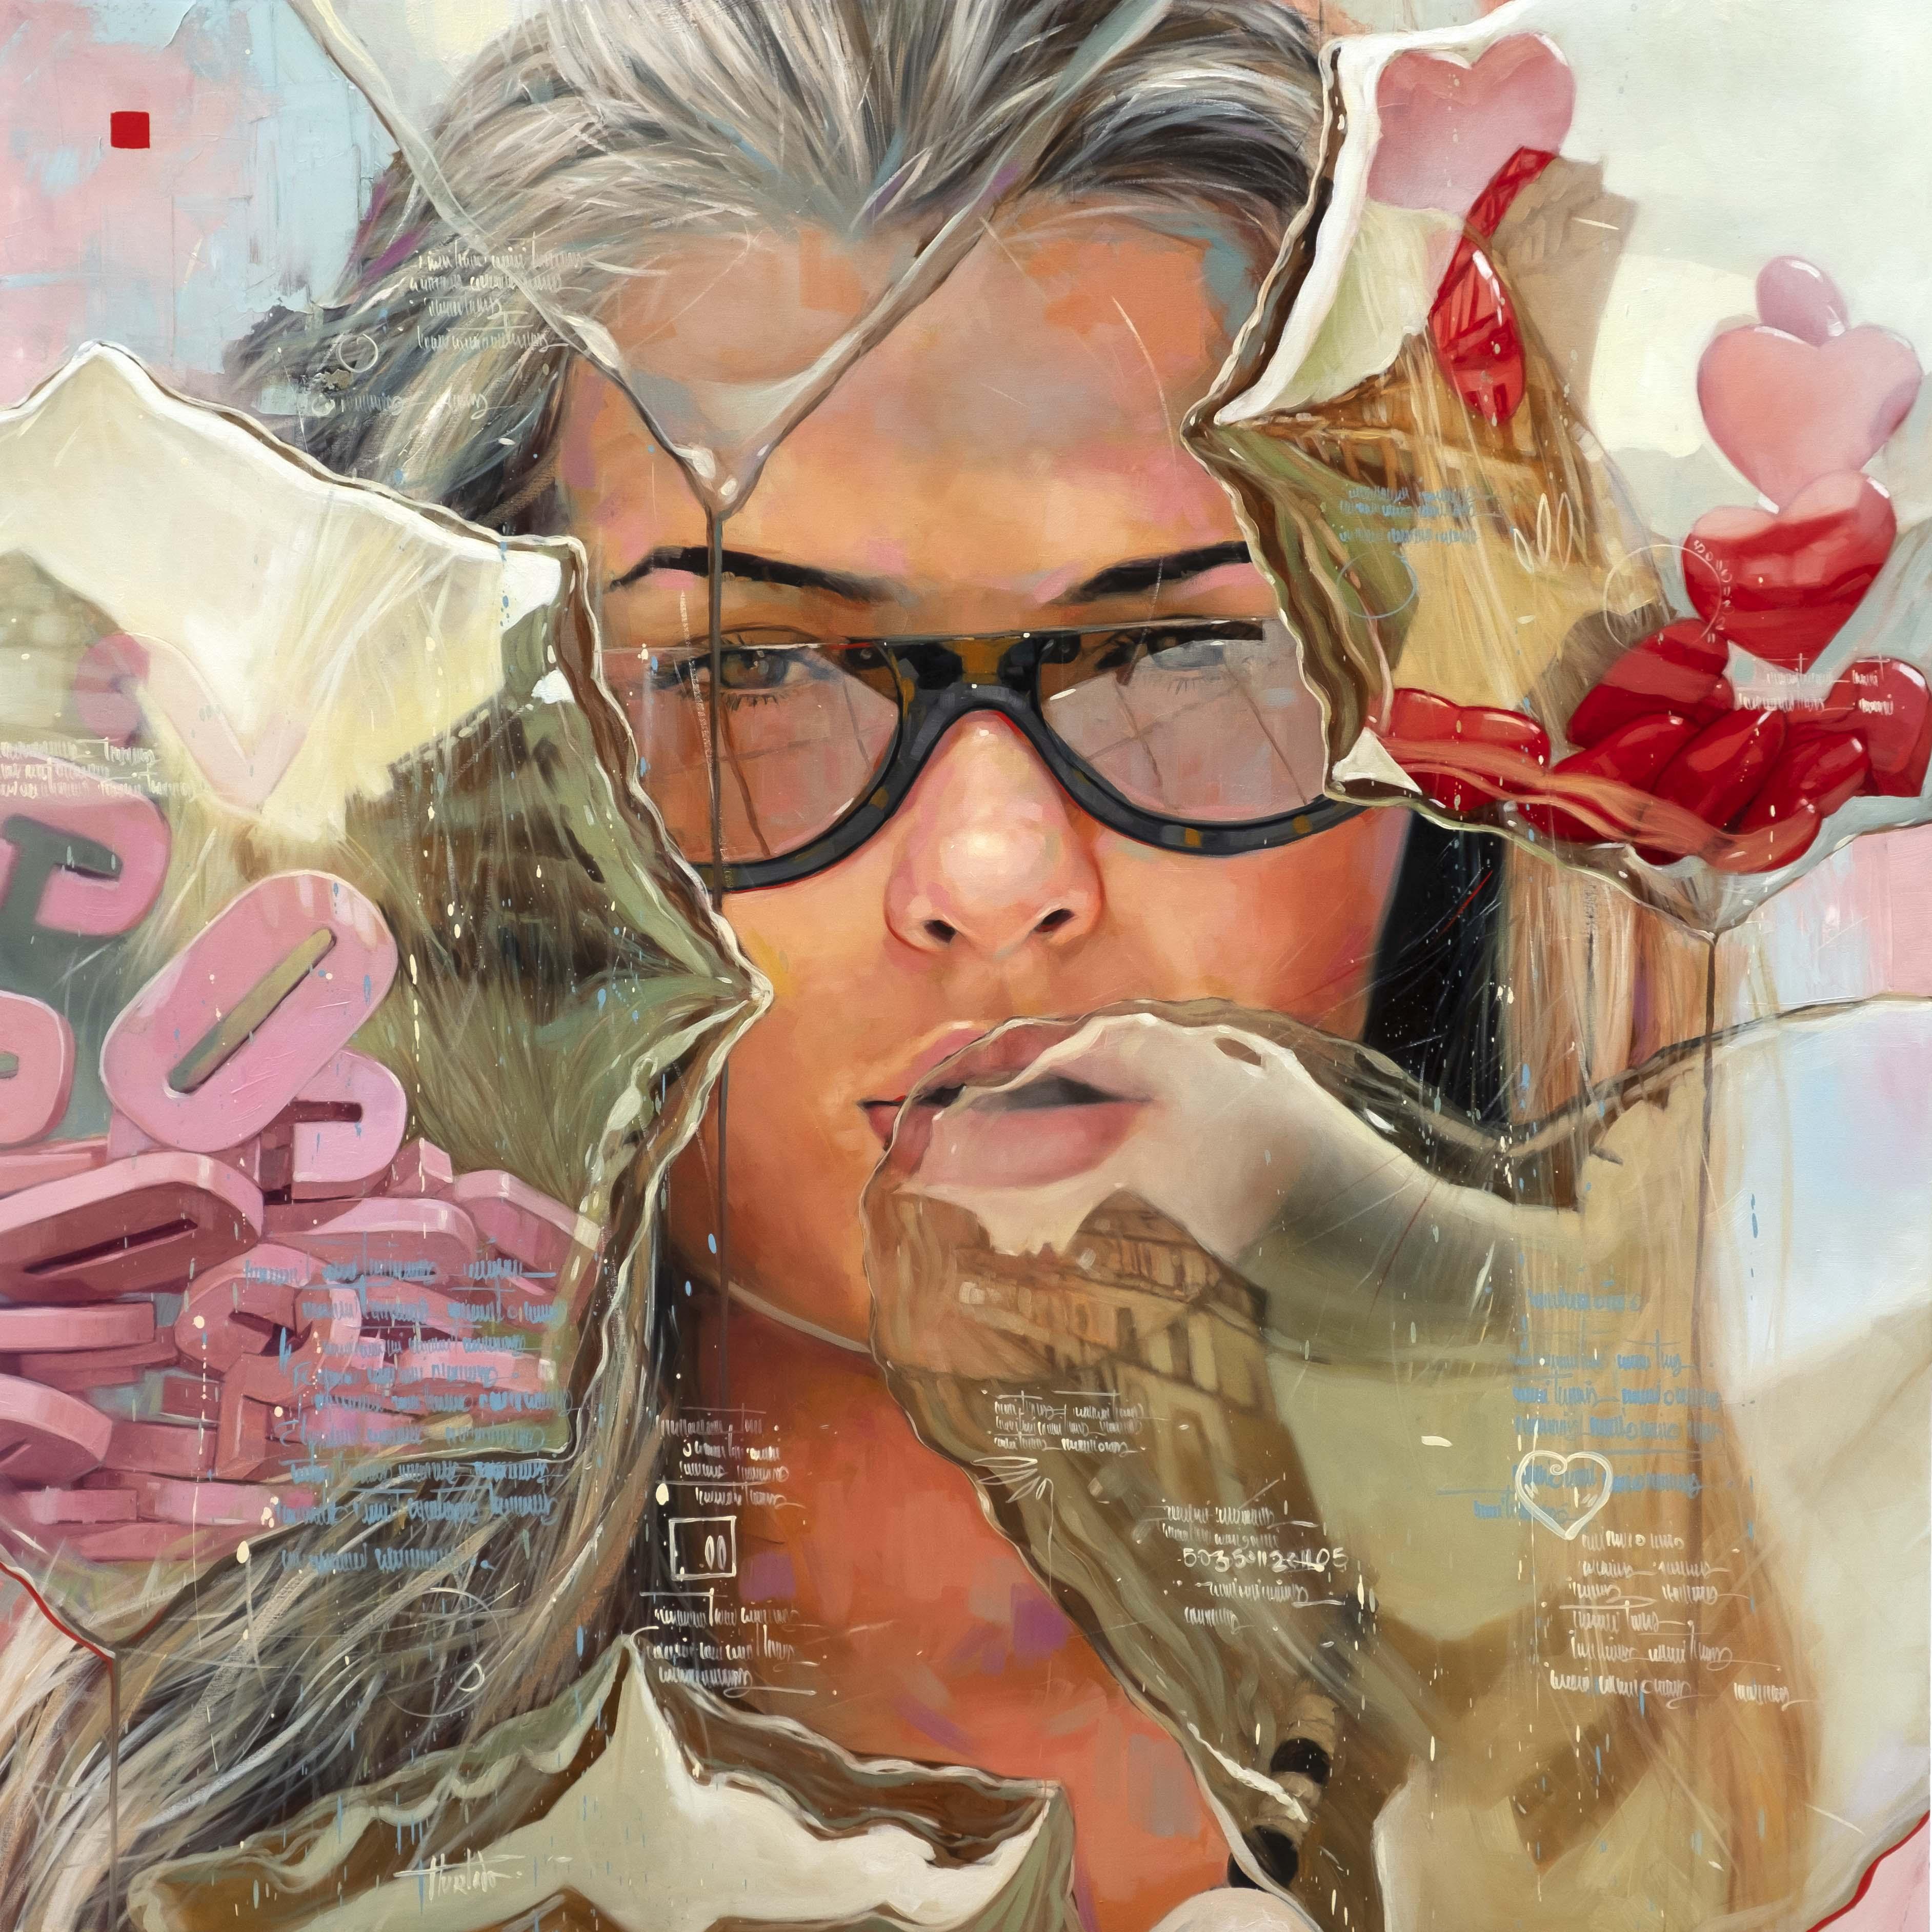 Decision. Oil on canvas. 150x150cm